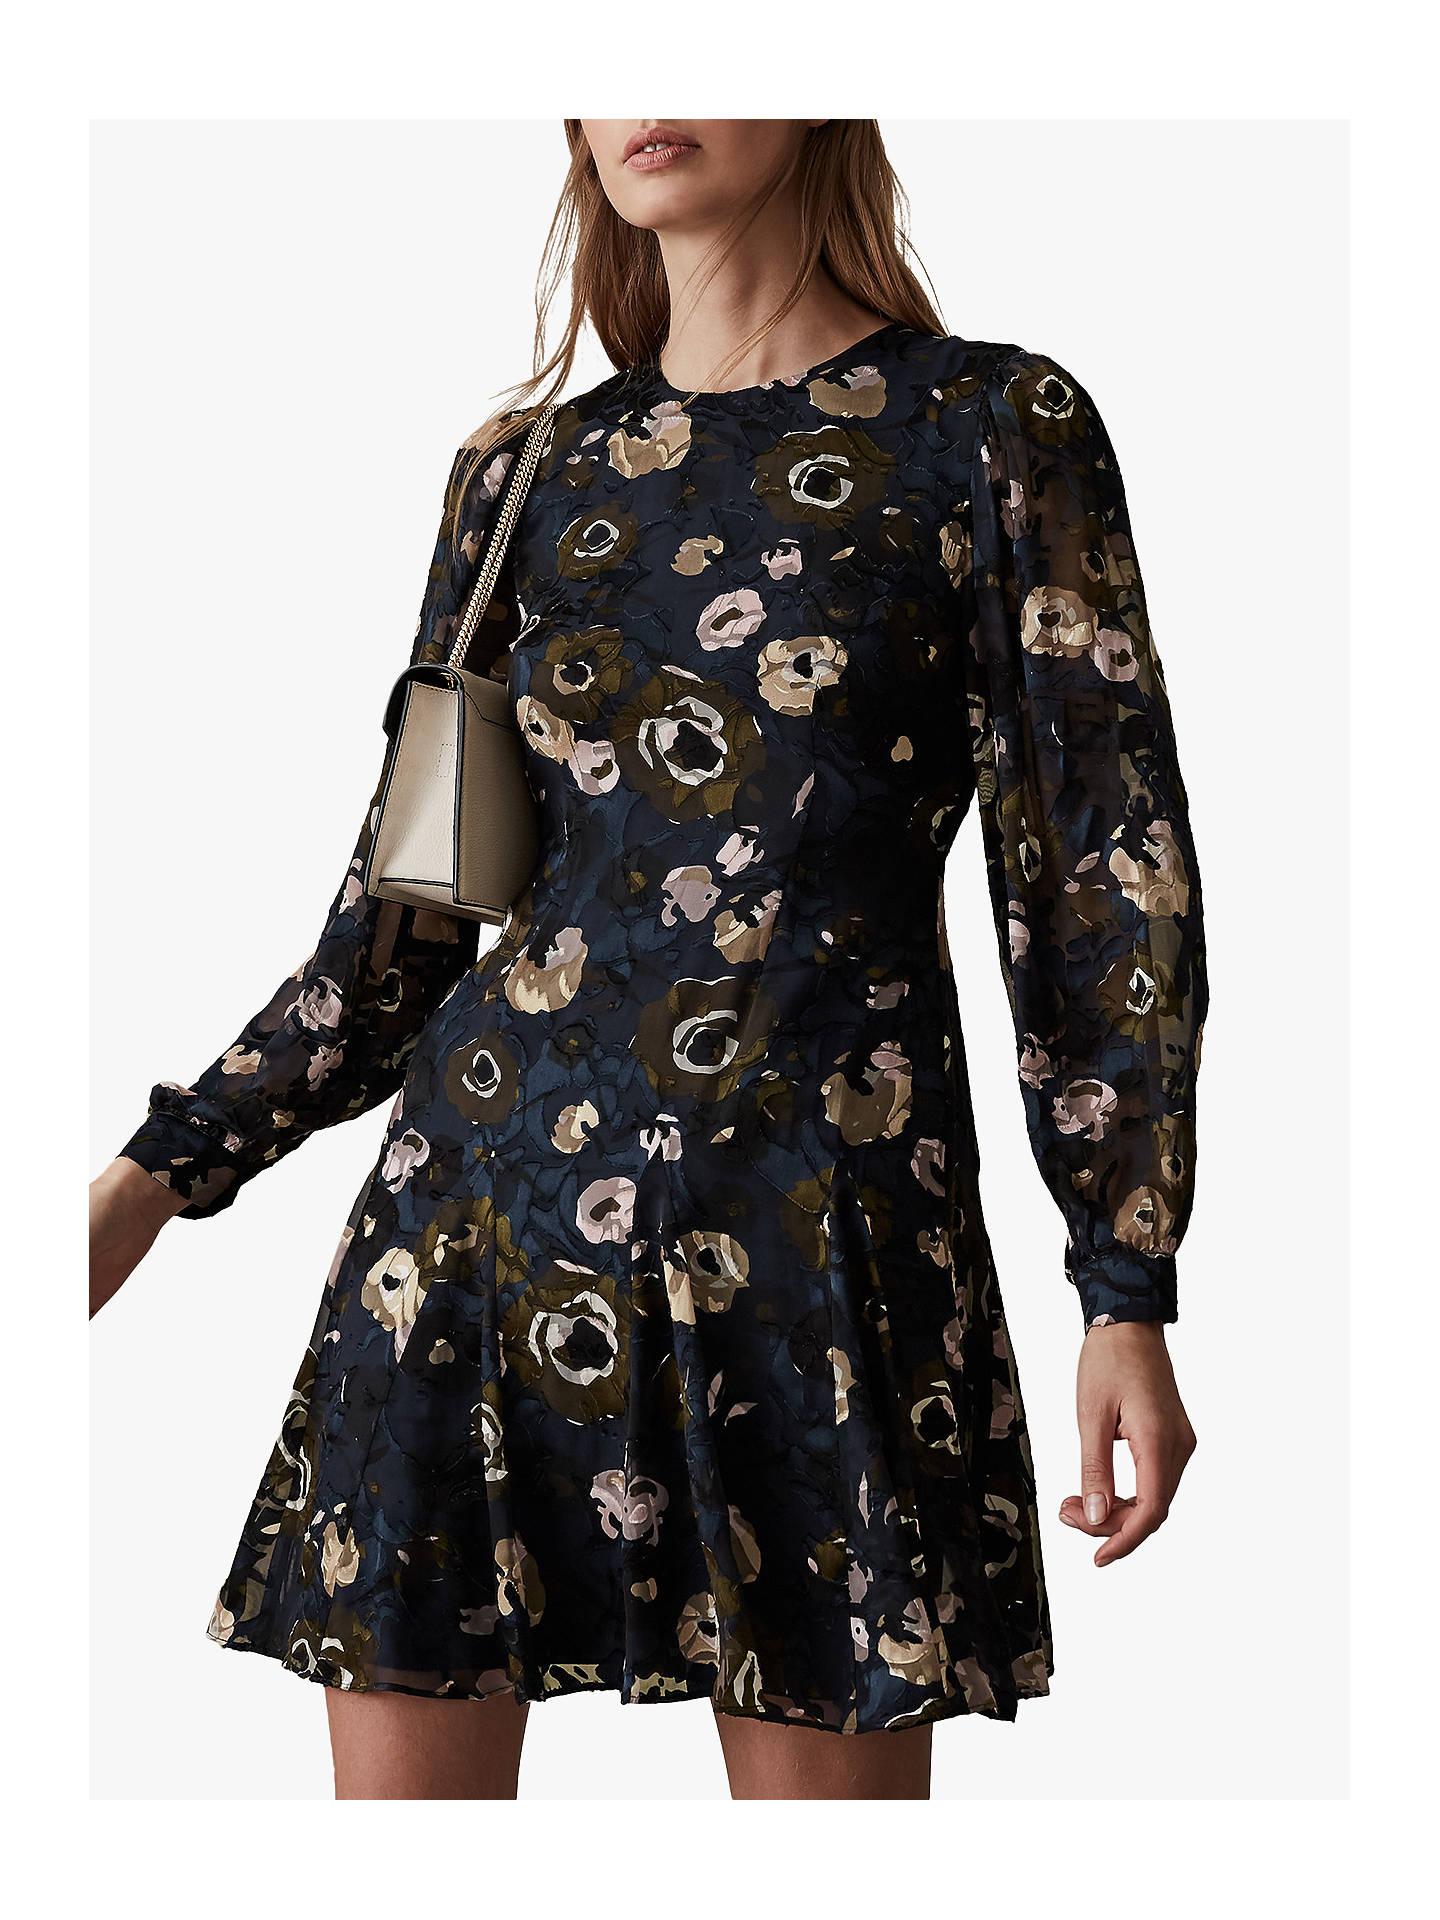 5fef44a2624 Buy Reiss Allie Floral Burnout Dress